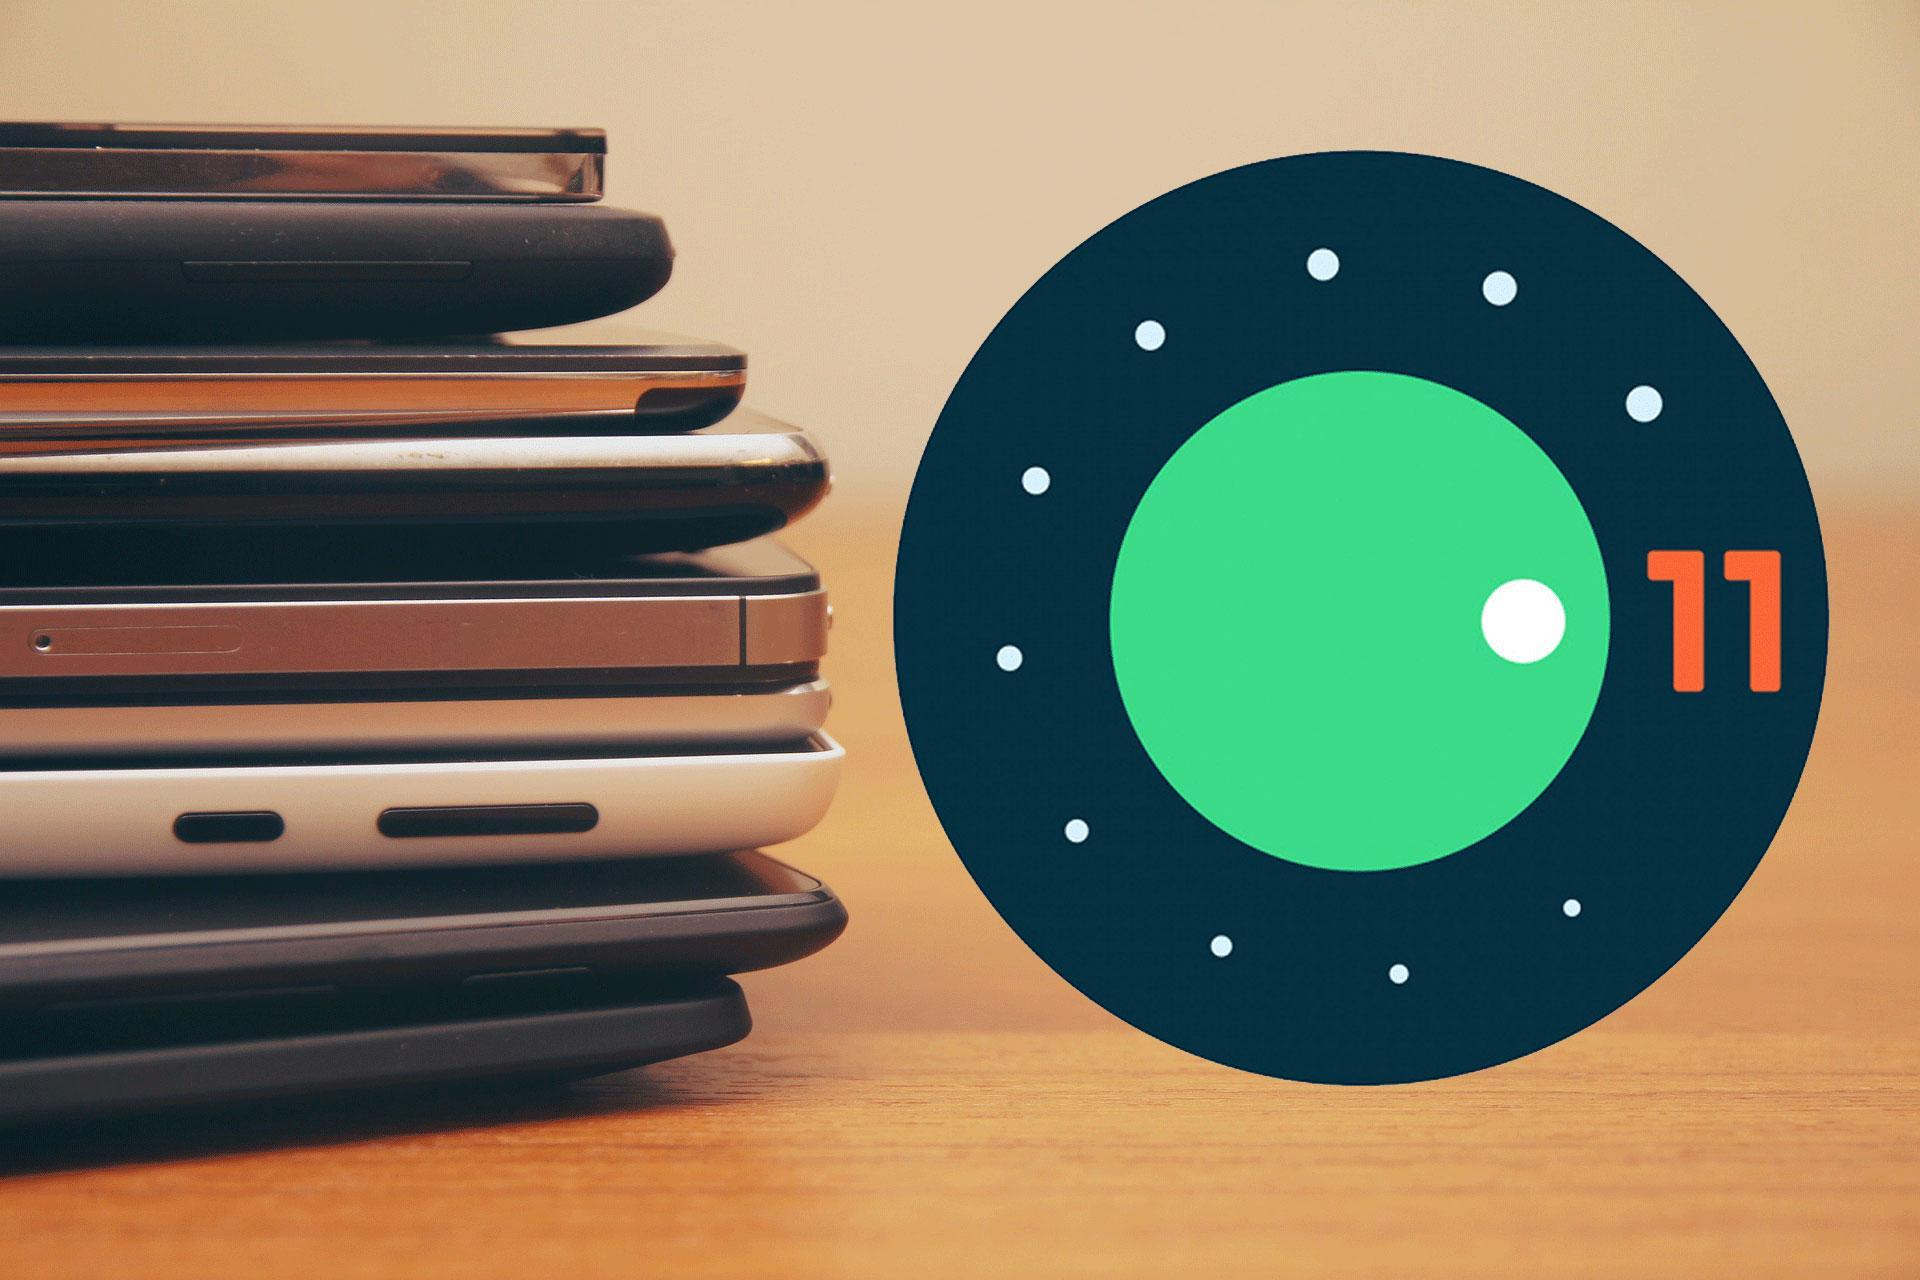 Список смартфонов, накоторые уже можно установить Android 11. Google отдала бету